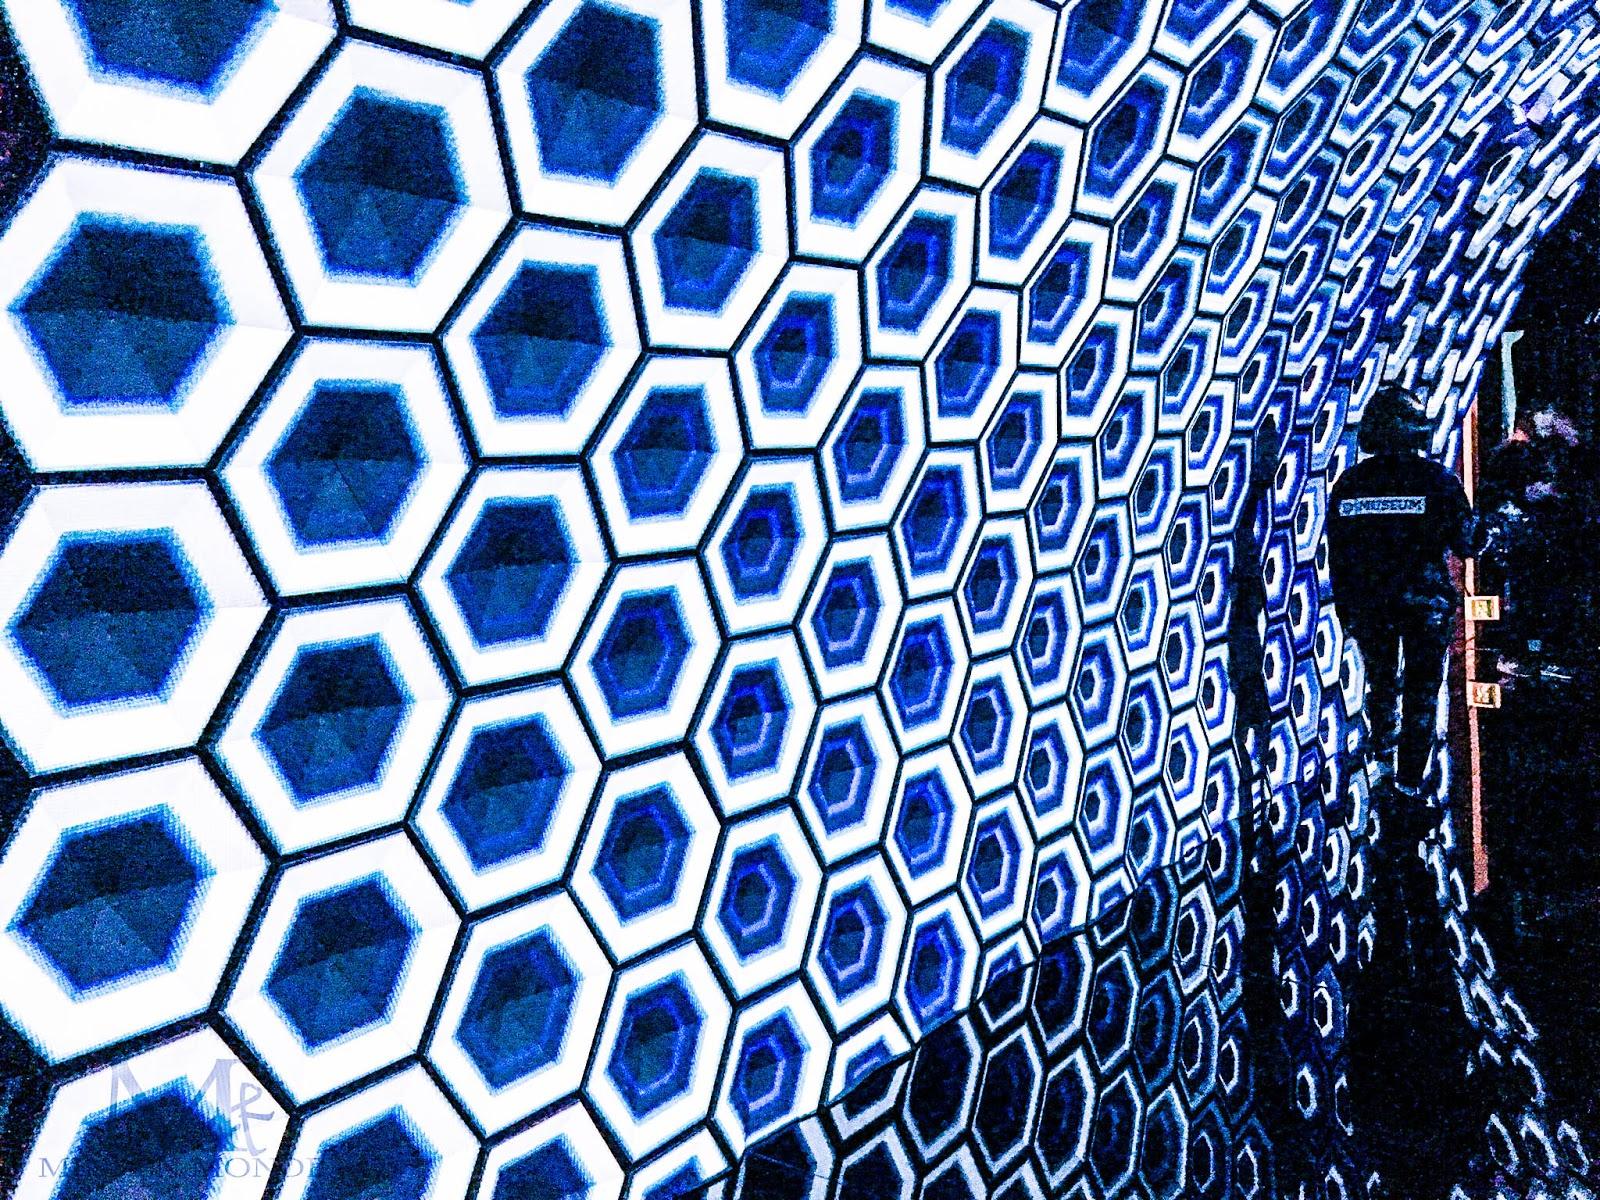 Exhibition Light D Model : Mini en monde: dazzling light sensation d museum seoul 디뮤지엄 9